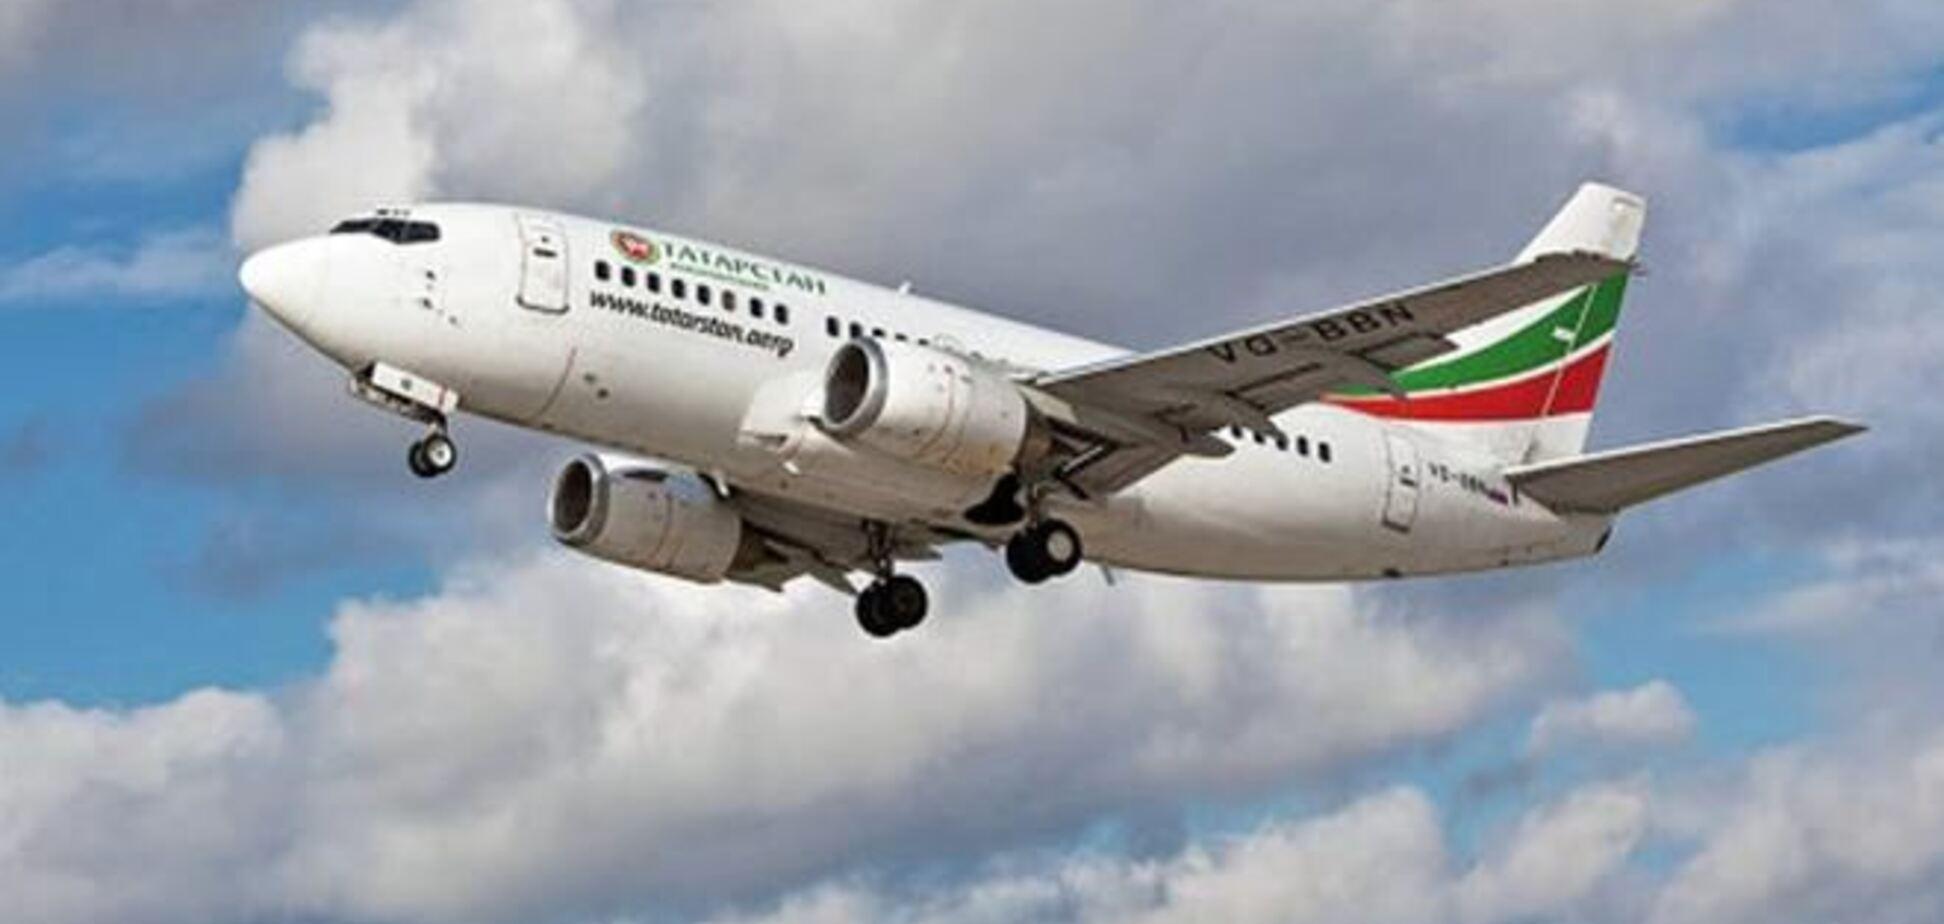 Разбившийся в Казани самолет экипажу пришлось сажать вручную